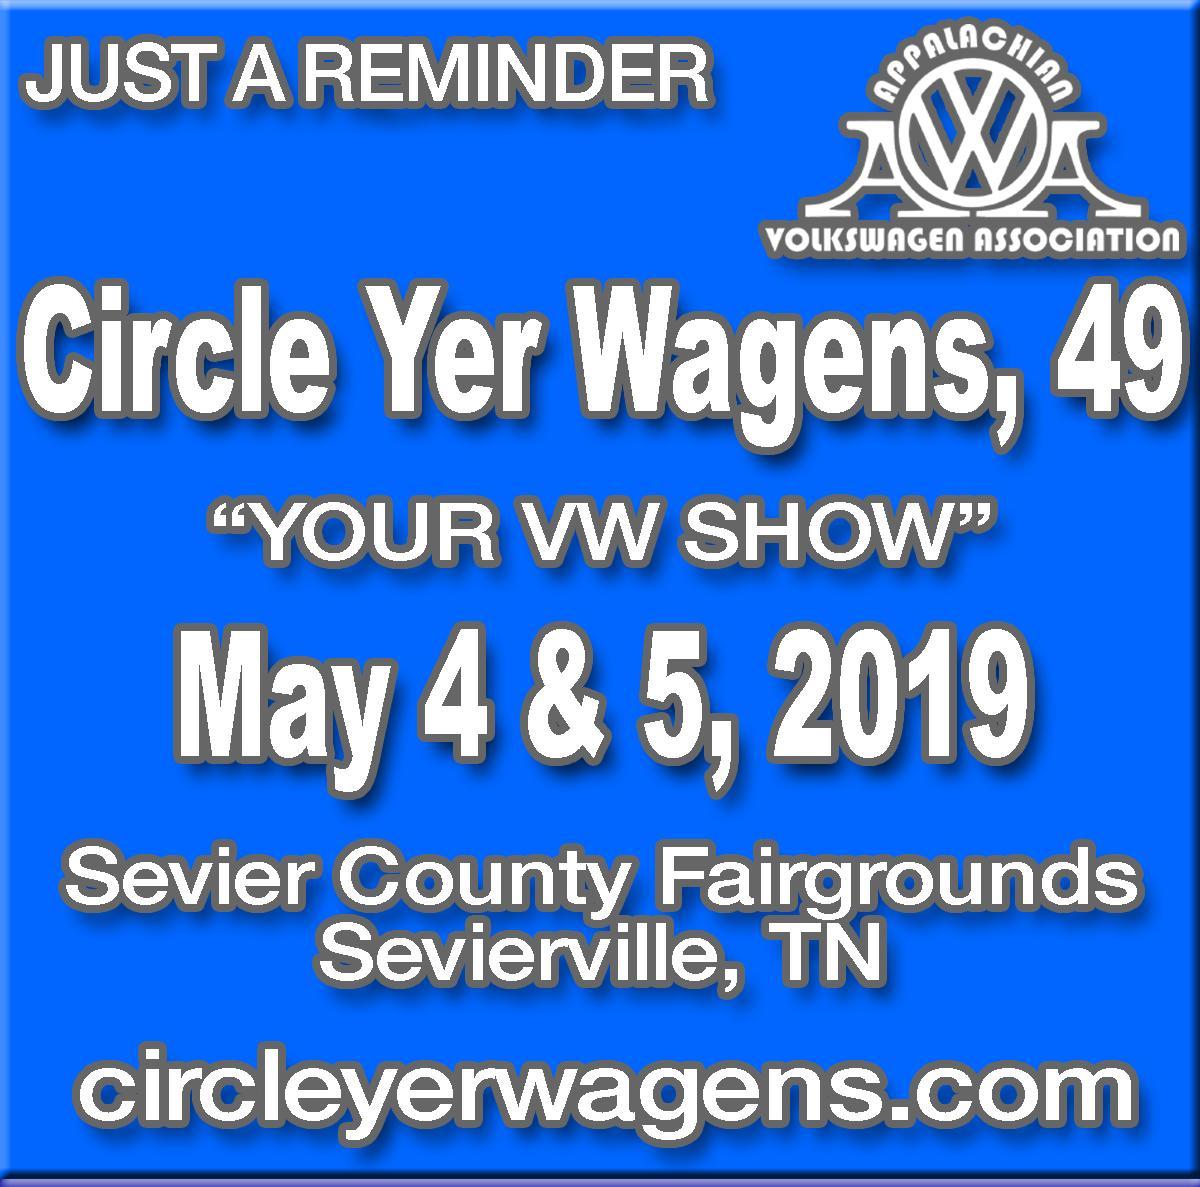 CYW 49 Reminder